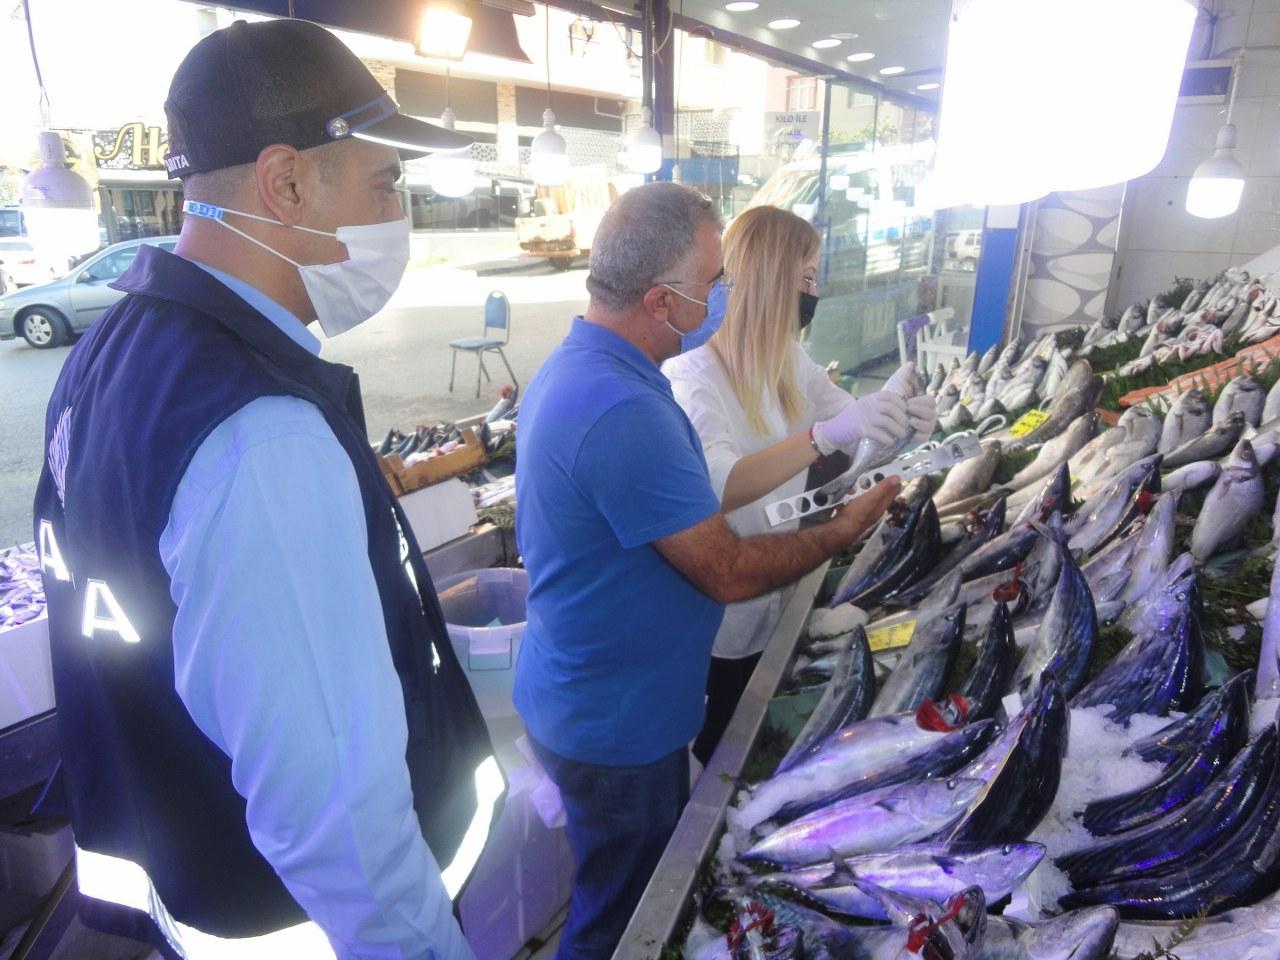 Gebze'de bayat ve küçük balık satmaya izin yok!